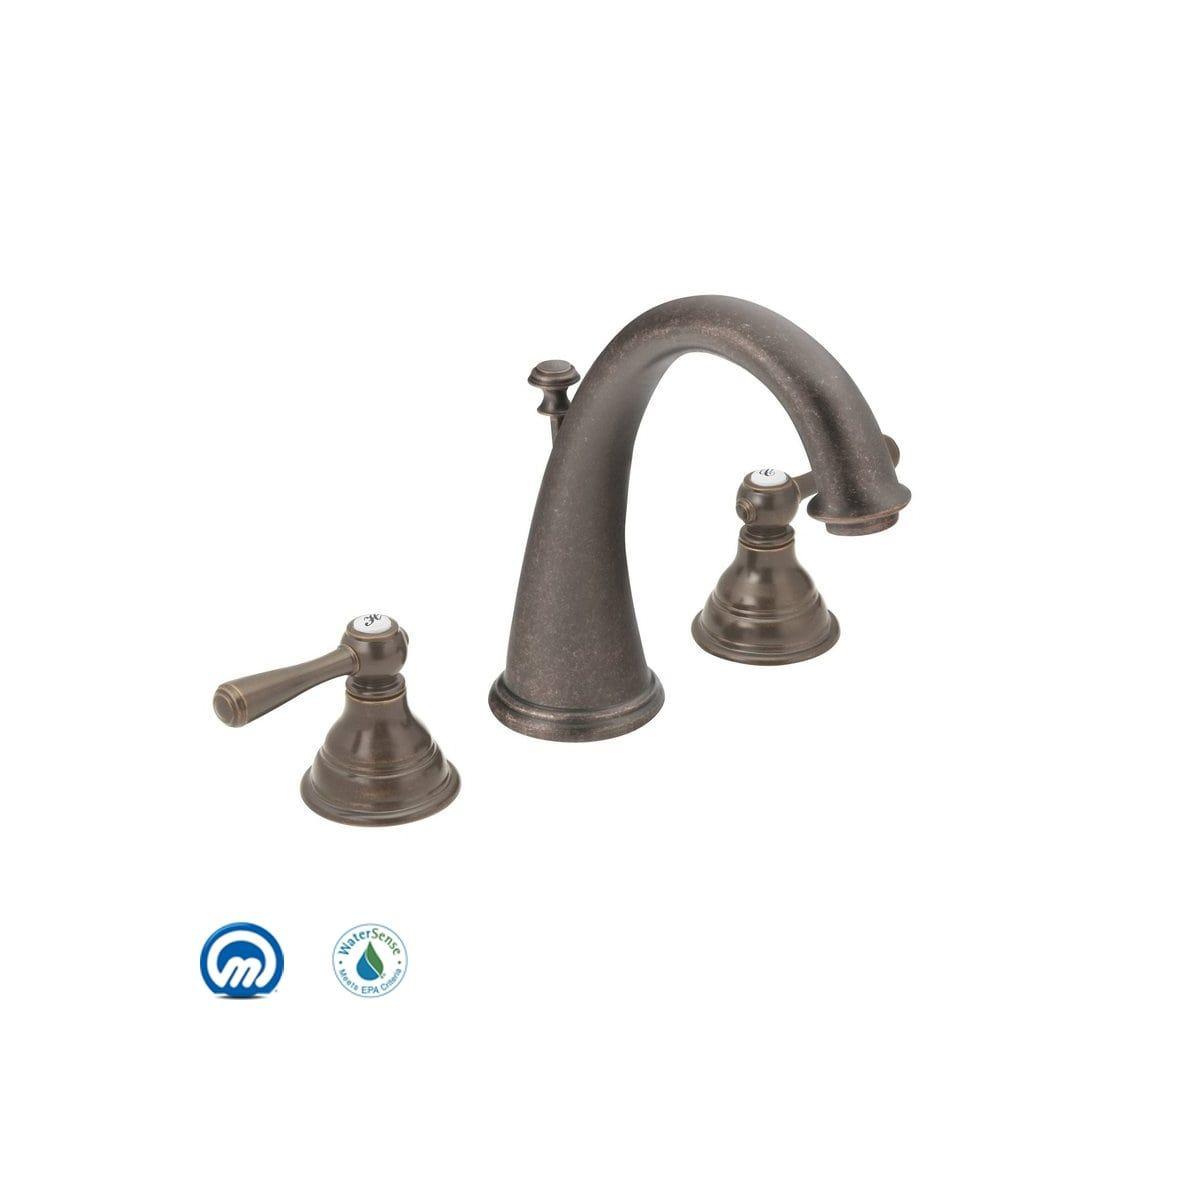 Moen T6125az Kingsley Double Handle Widespread Build Com Widespread Bathroom Faucet Bathroom Faucets Moen [ 1200 x 1200 Pixel ]